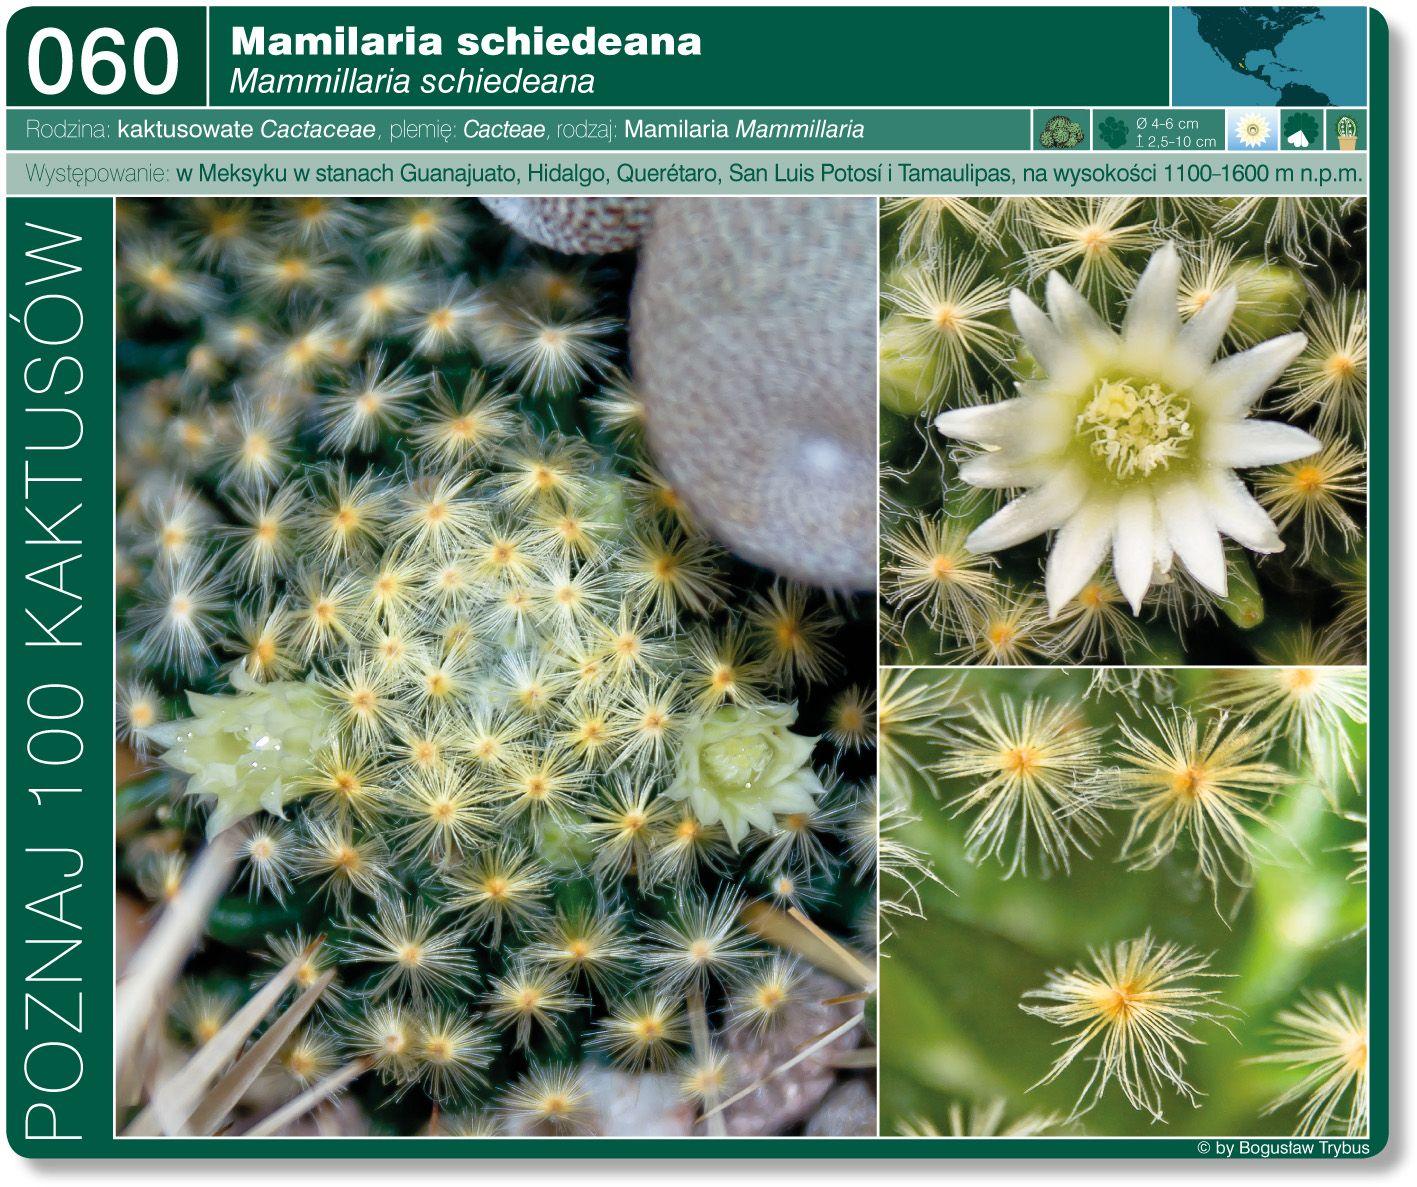 Mammillaria Schiedeana Plants